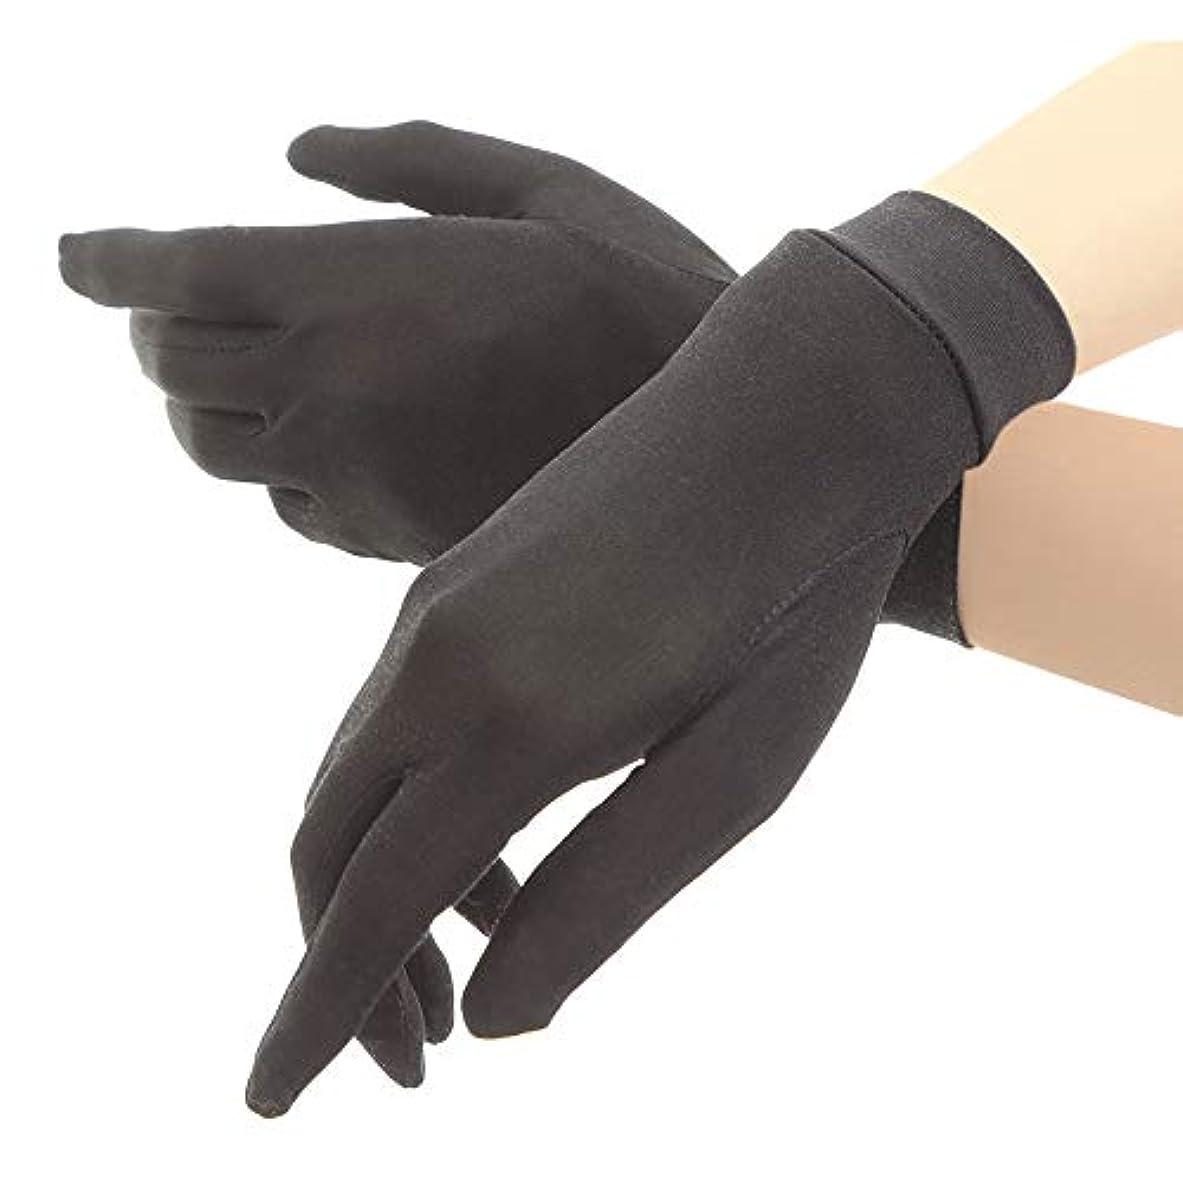 宇宙アボートルアーシルク手袋 レディース 手袋 シルク 絹 ハンド ケア 保湿 紫外線 肌荒れ 乾燥 サイズアップで手指にマッチ 【macch】